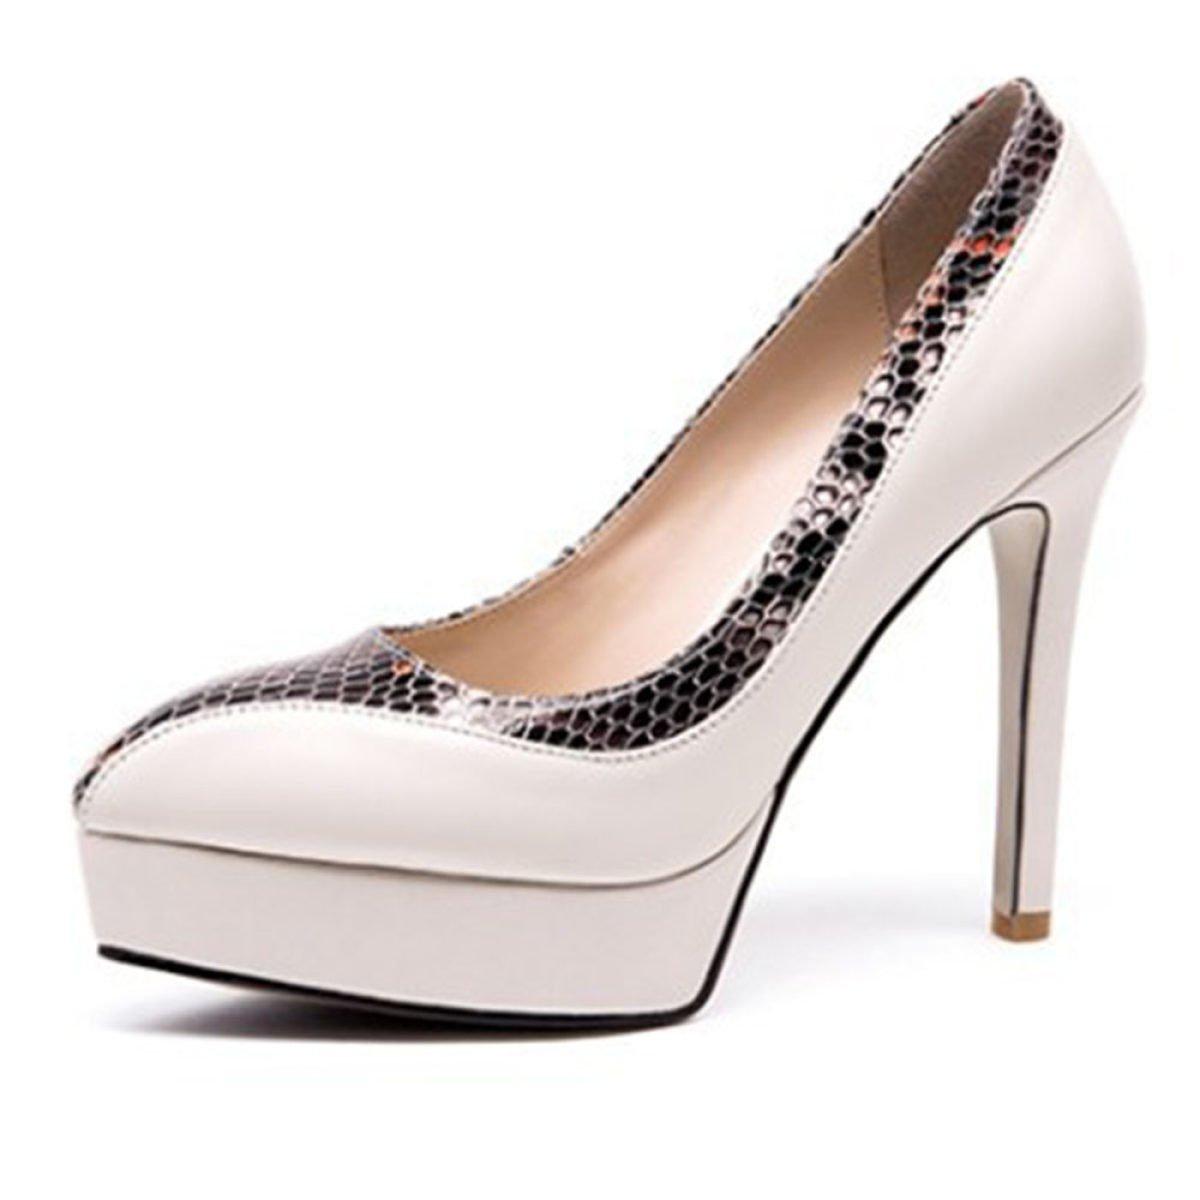 Beige Chaussures à Talons Pour Femmes Des Des Chaussures à Talons Hauts Avec Des Escarpins Pour Les Pompes De Soirée